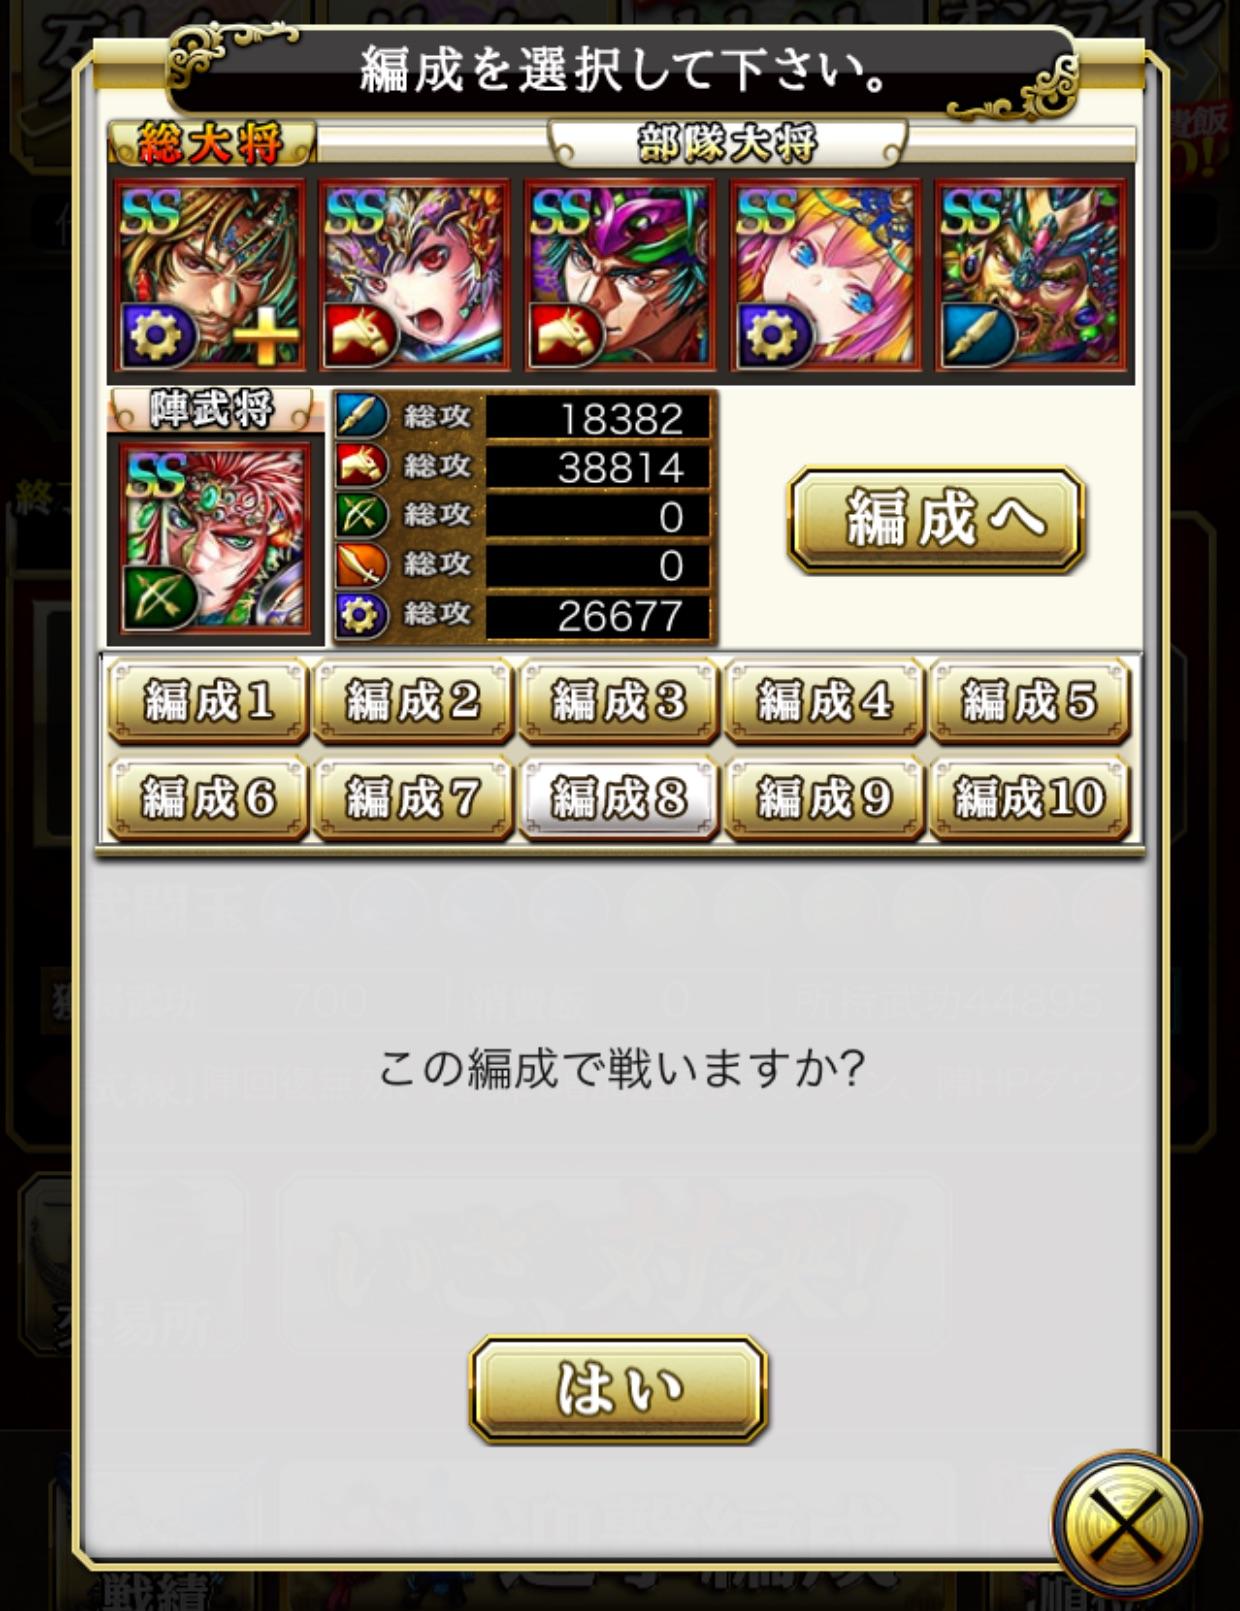 20161103145603da8.jpg